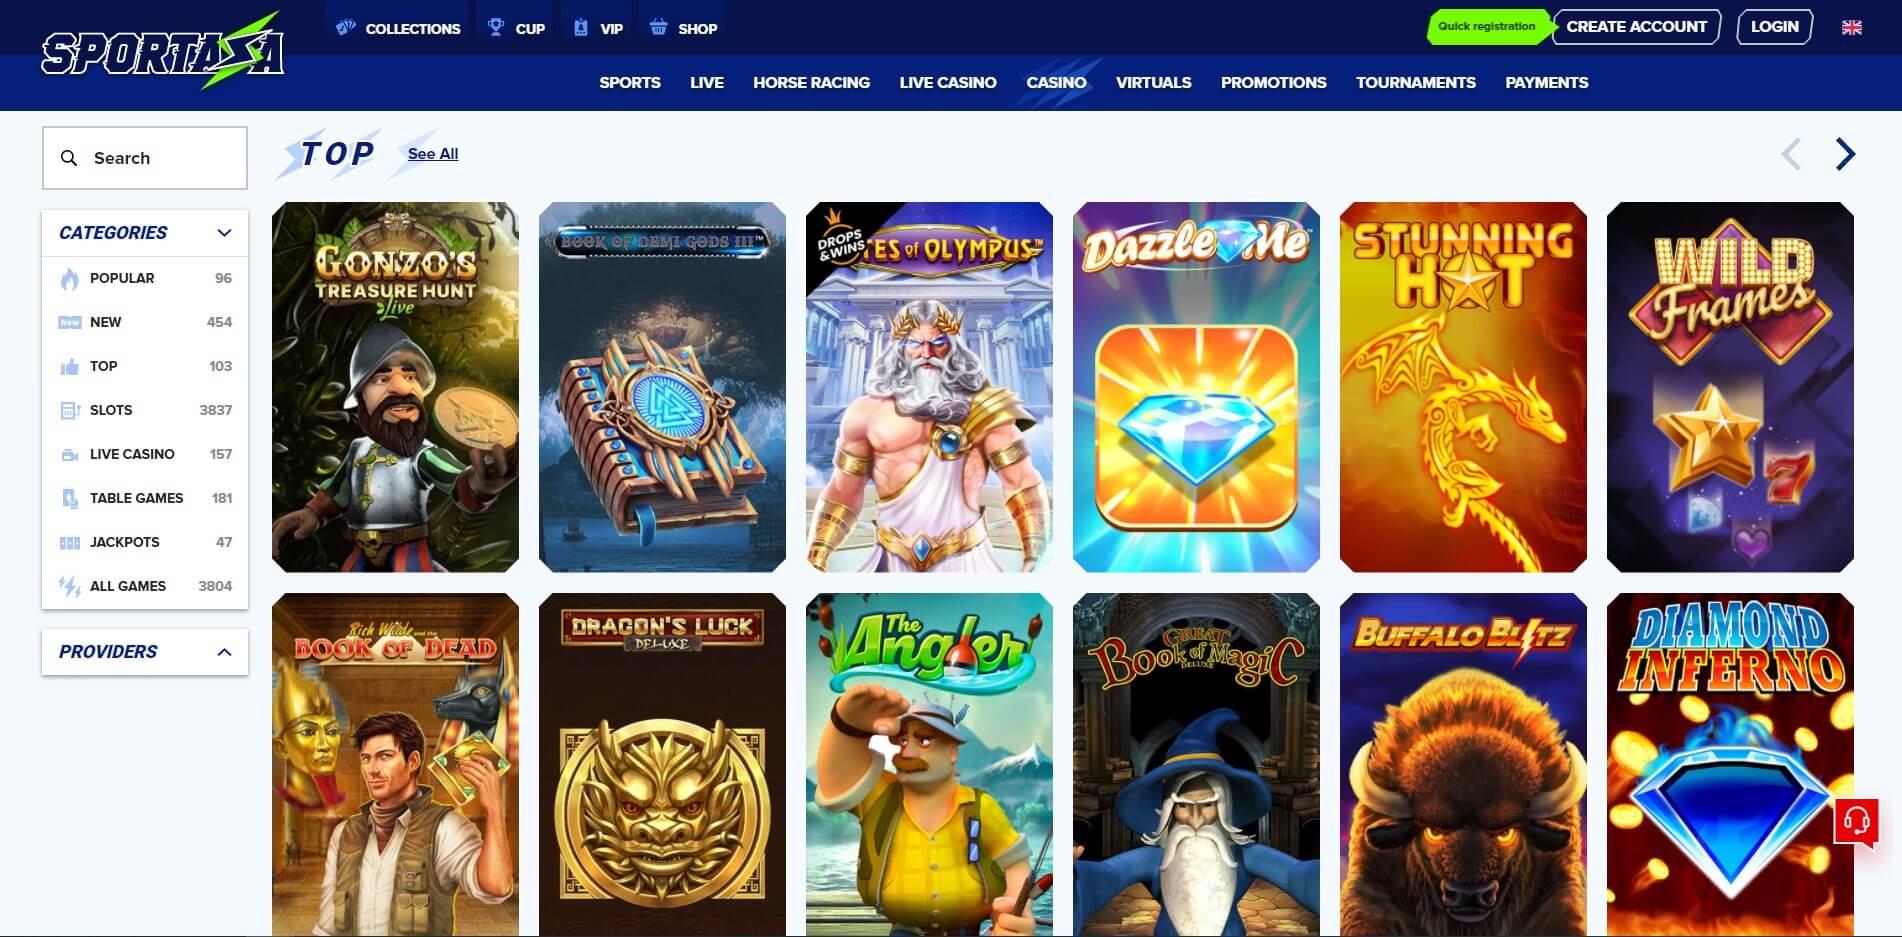 Games at Sportaza CAsino